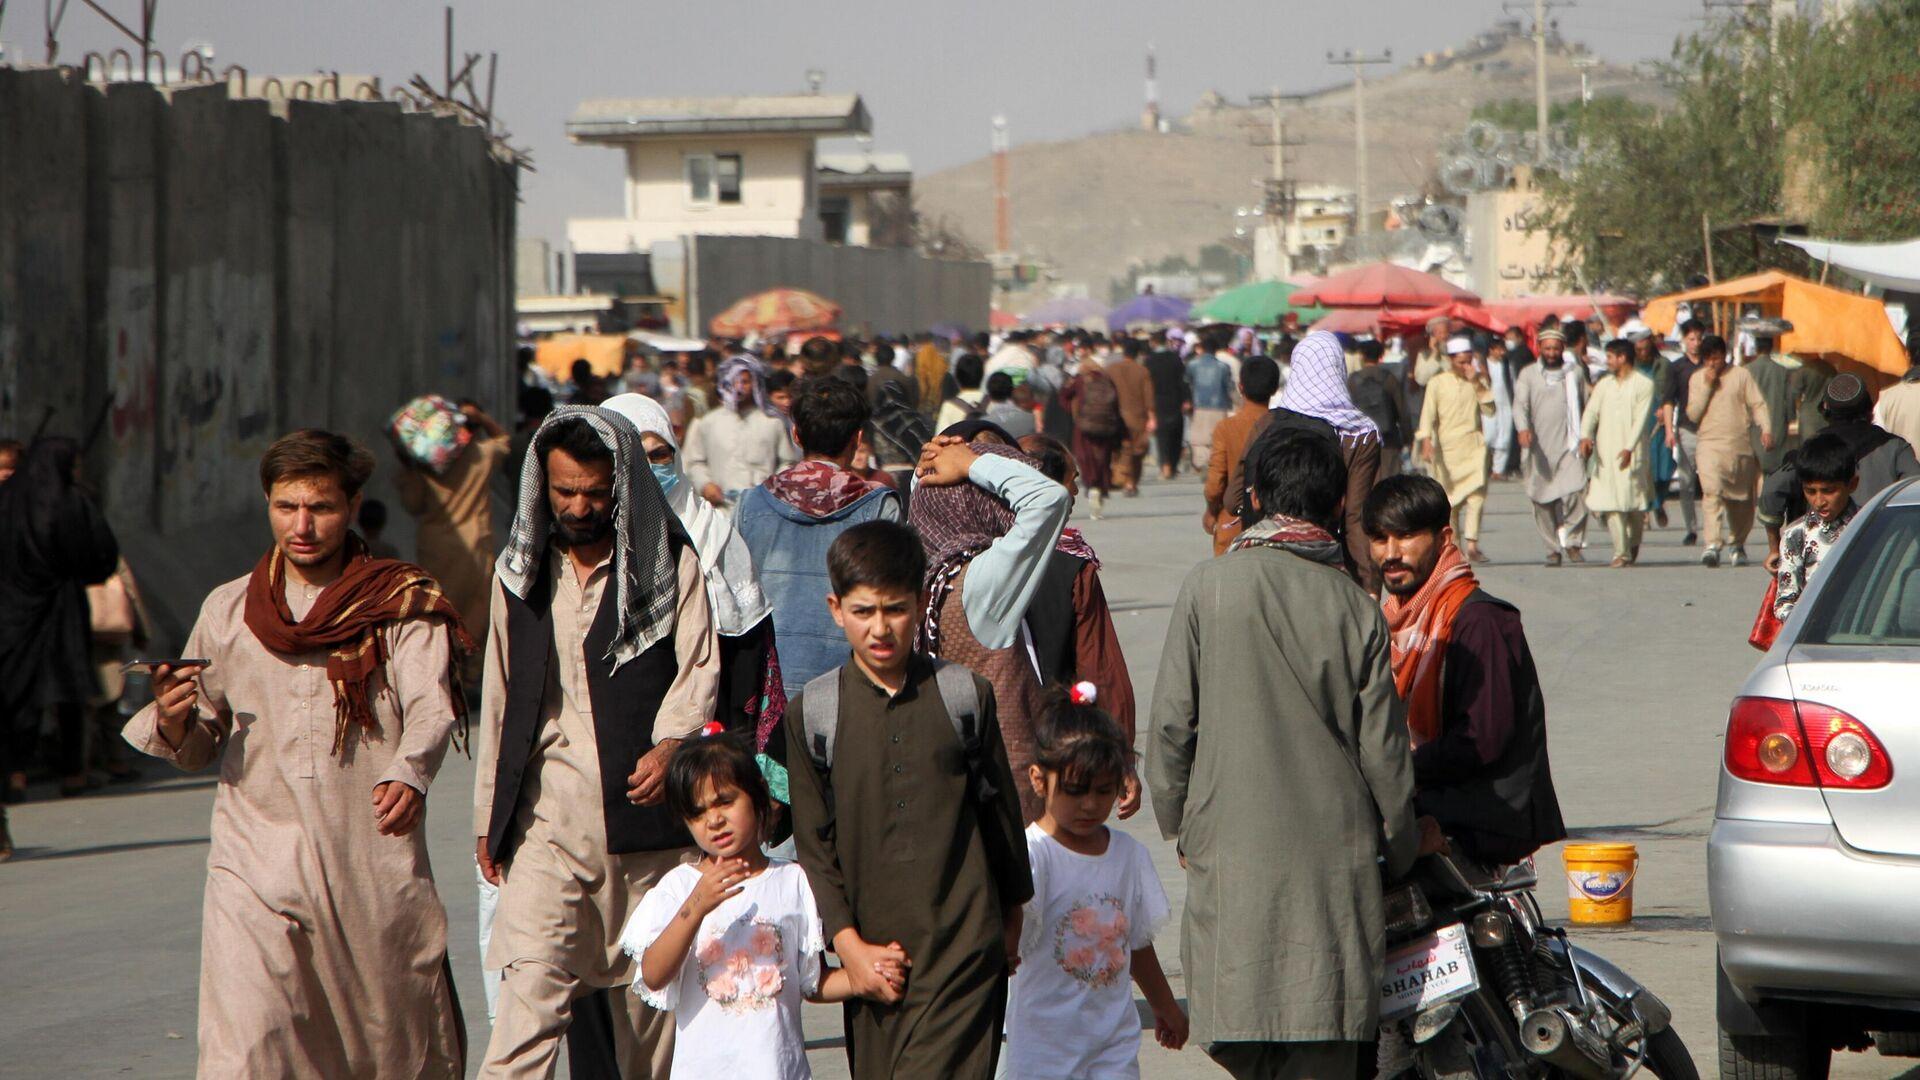 Люди возле международного аэропорта имени Хамида Карзая в Кабуле - РИА Новости, 1920, 11.09.2021